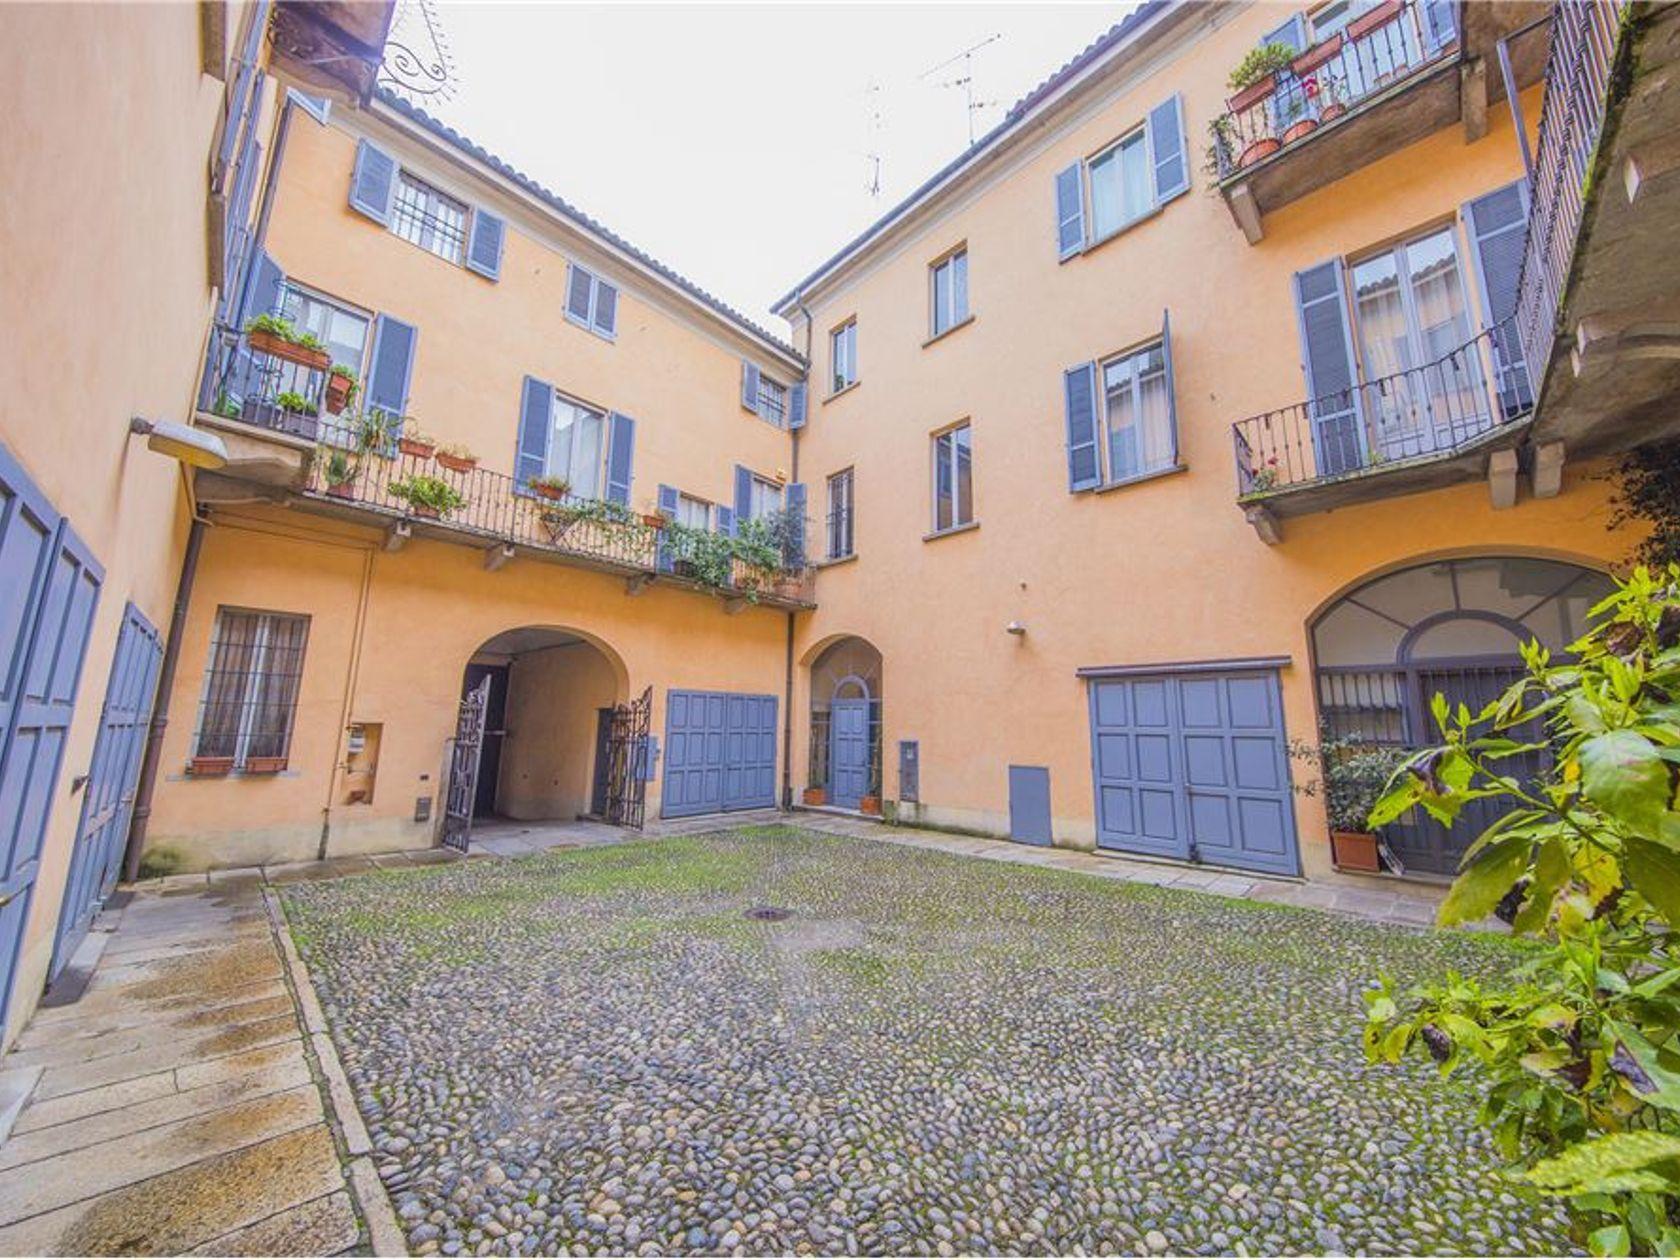 Attico/Mansarda Centro, Novara, NO Vendita - Foto 43